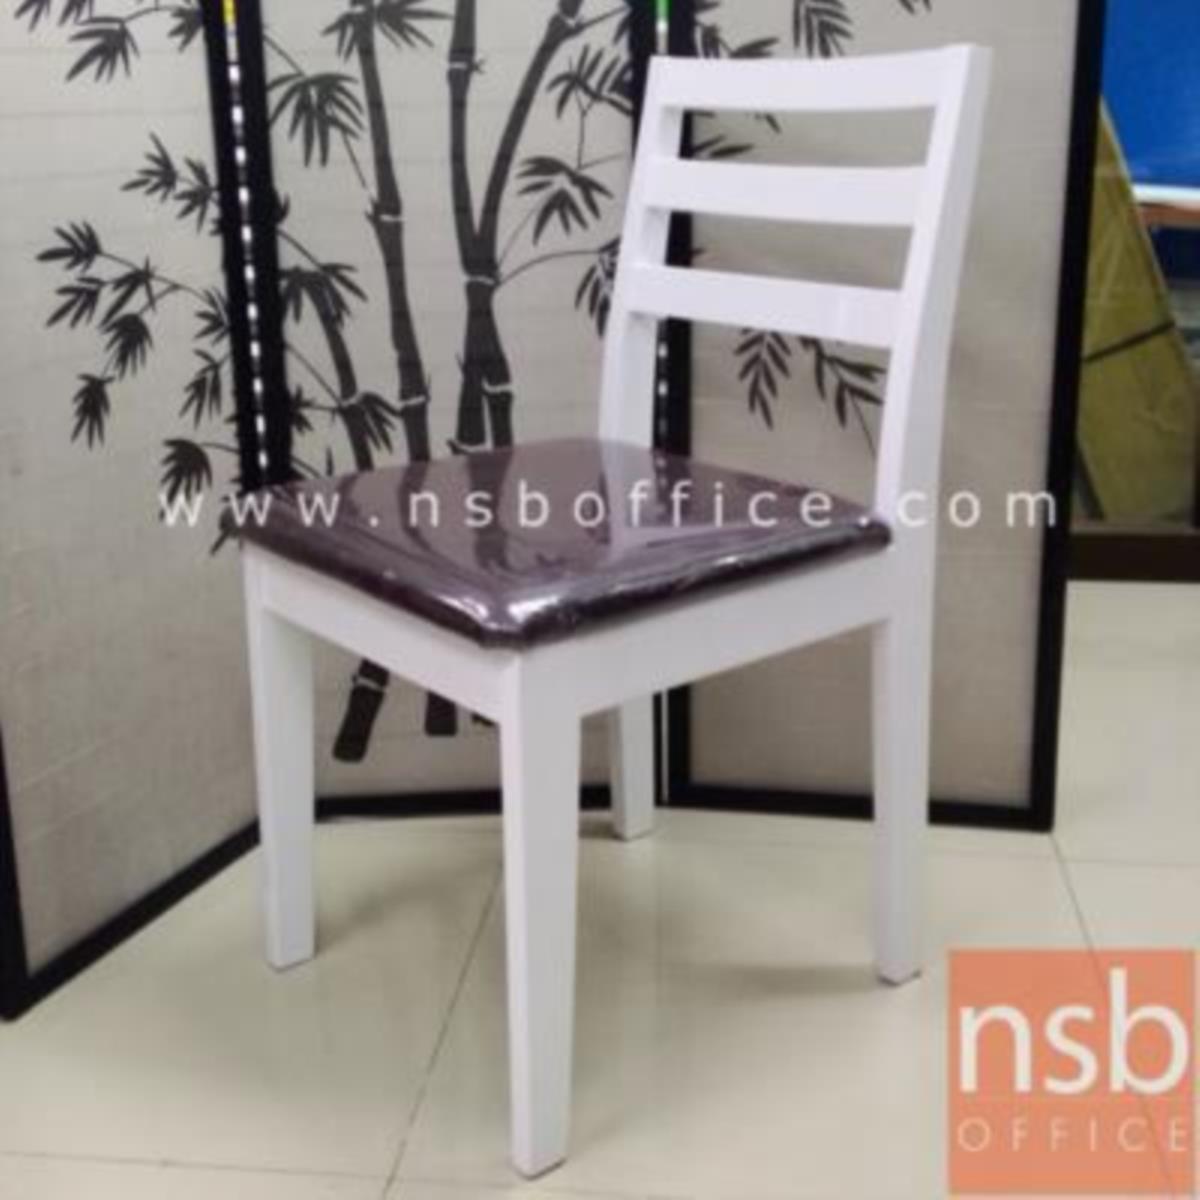 G14A123:เก้าอี้ไม้ยางพาราที่นั่งหุ้มหนังเทียม รุ่น S1 ขาไม้